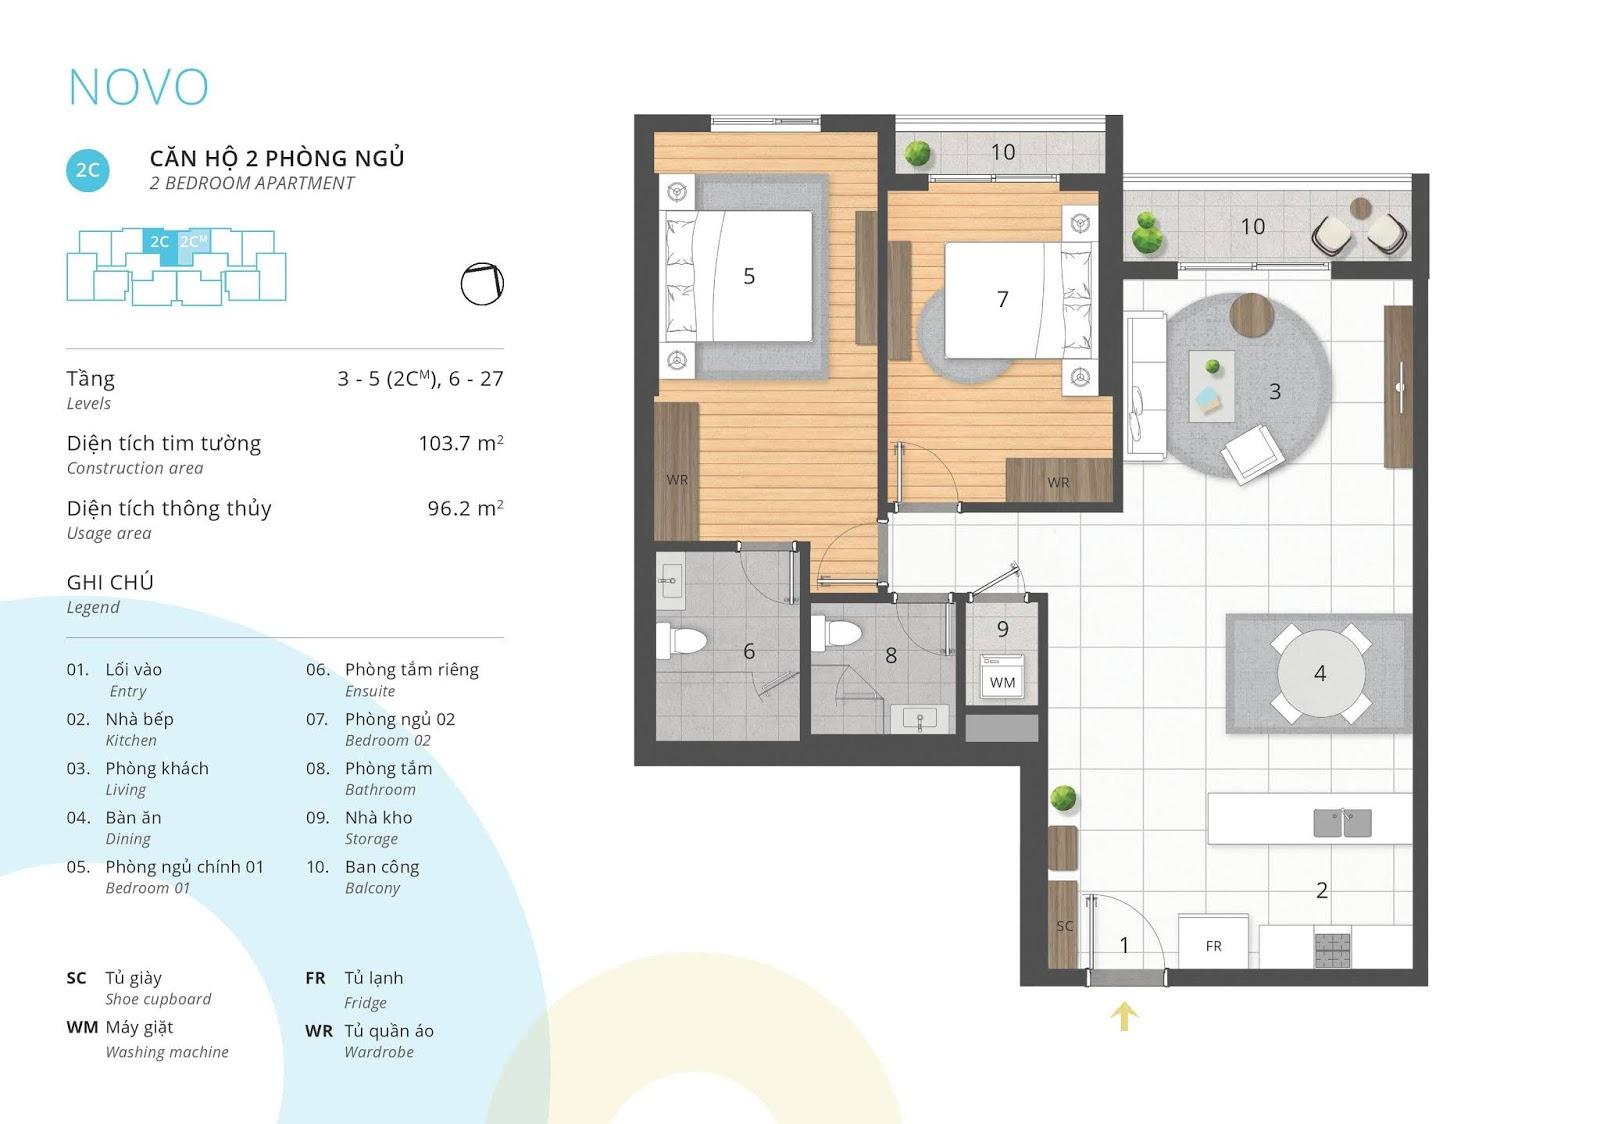 Mặt bằng căn hộ 2 phòng ngủ 96 thông thủy m2 tòa NOVO dự án Kosmo